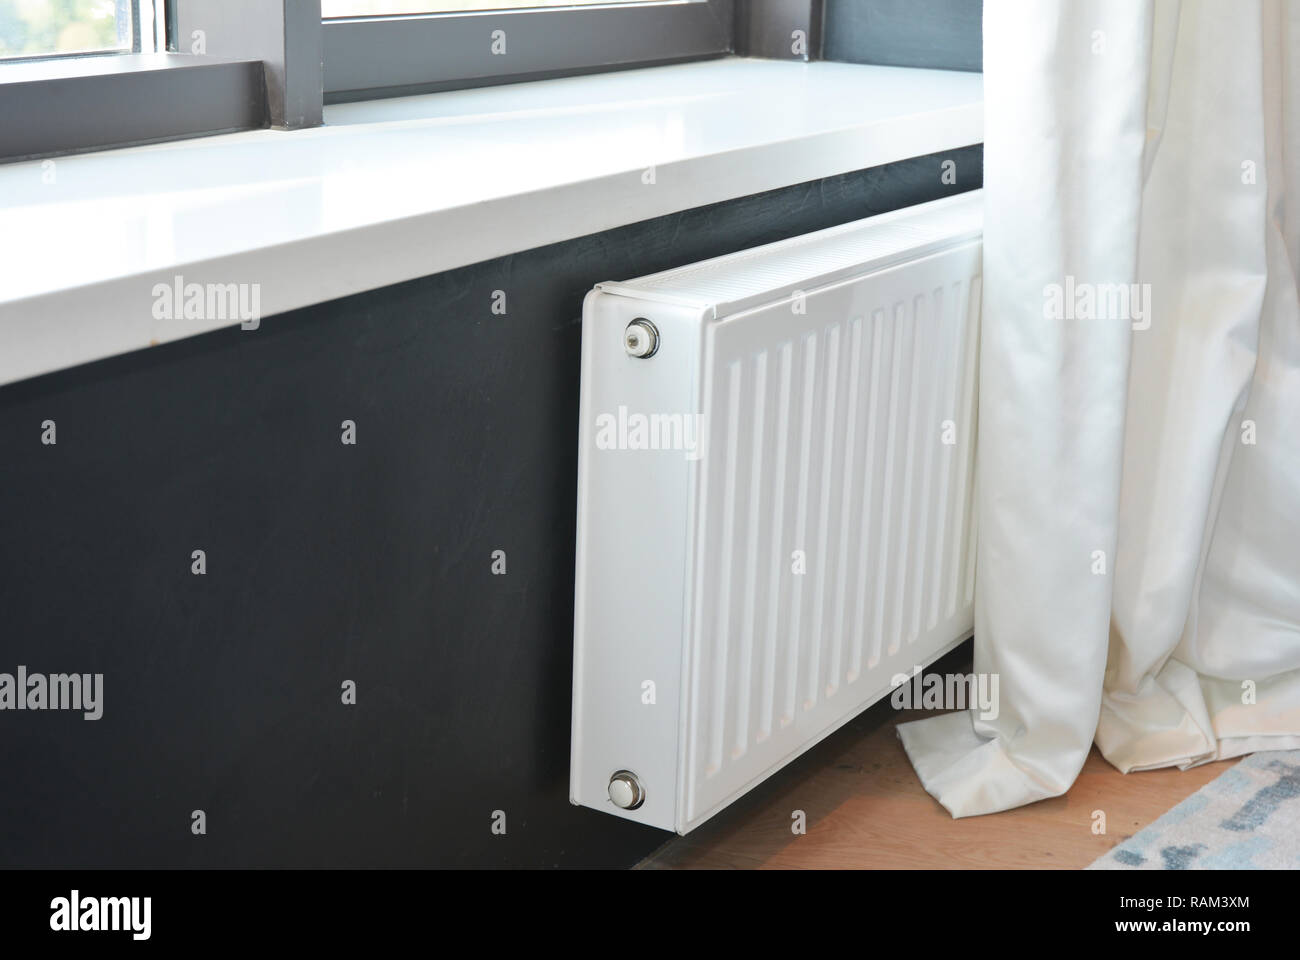 schlafzimmer heizen winter heizk rper richtig platzieren obi. Black Bedroom Furniture Sets. Home Design Ideas